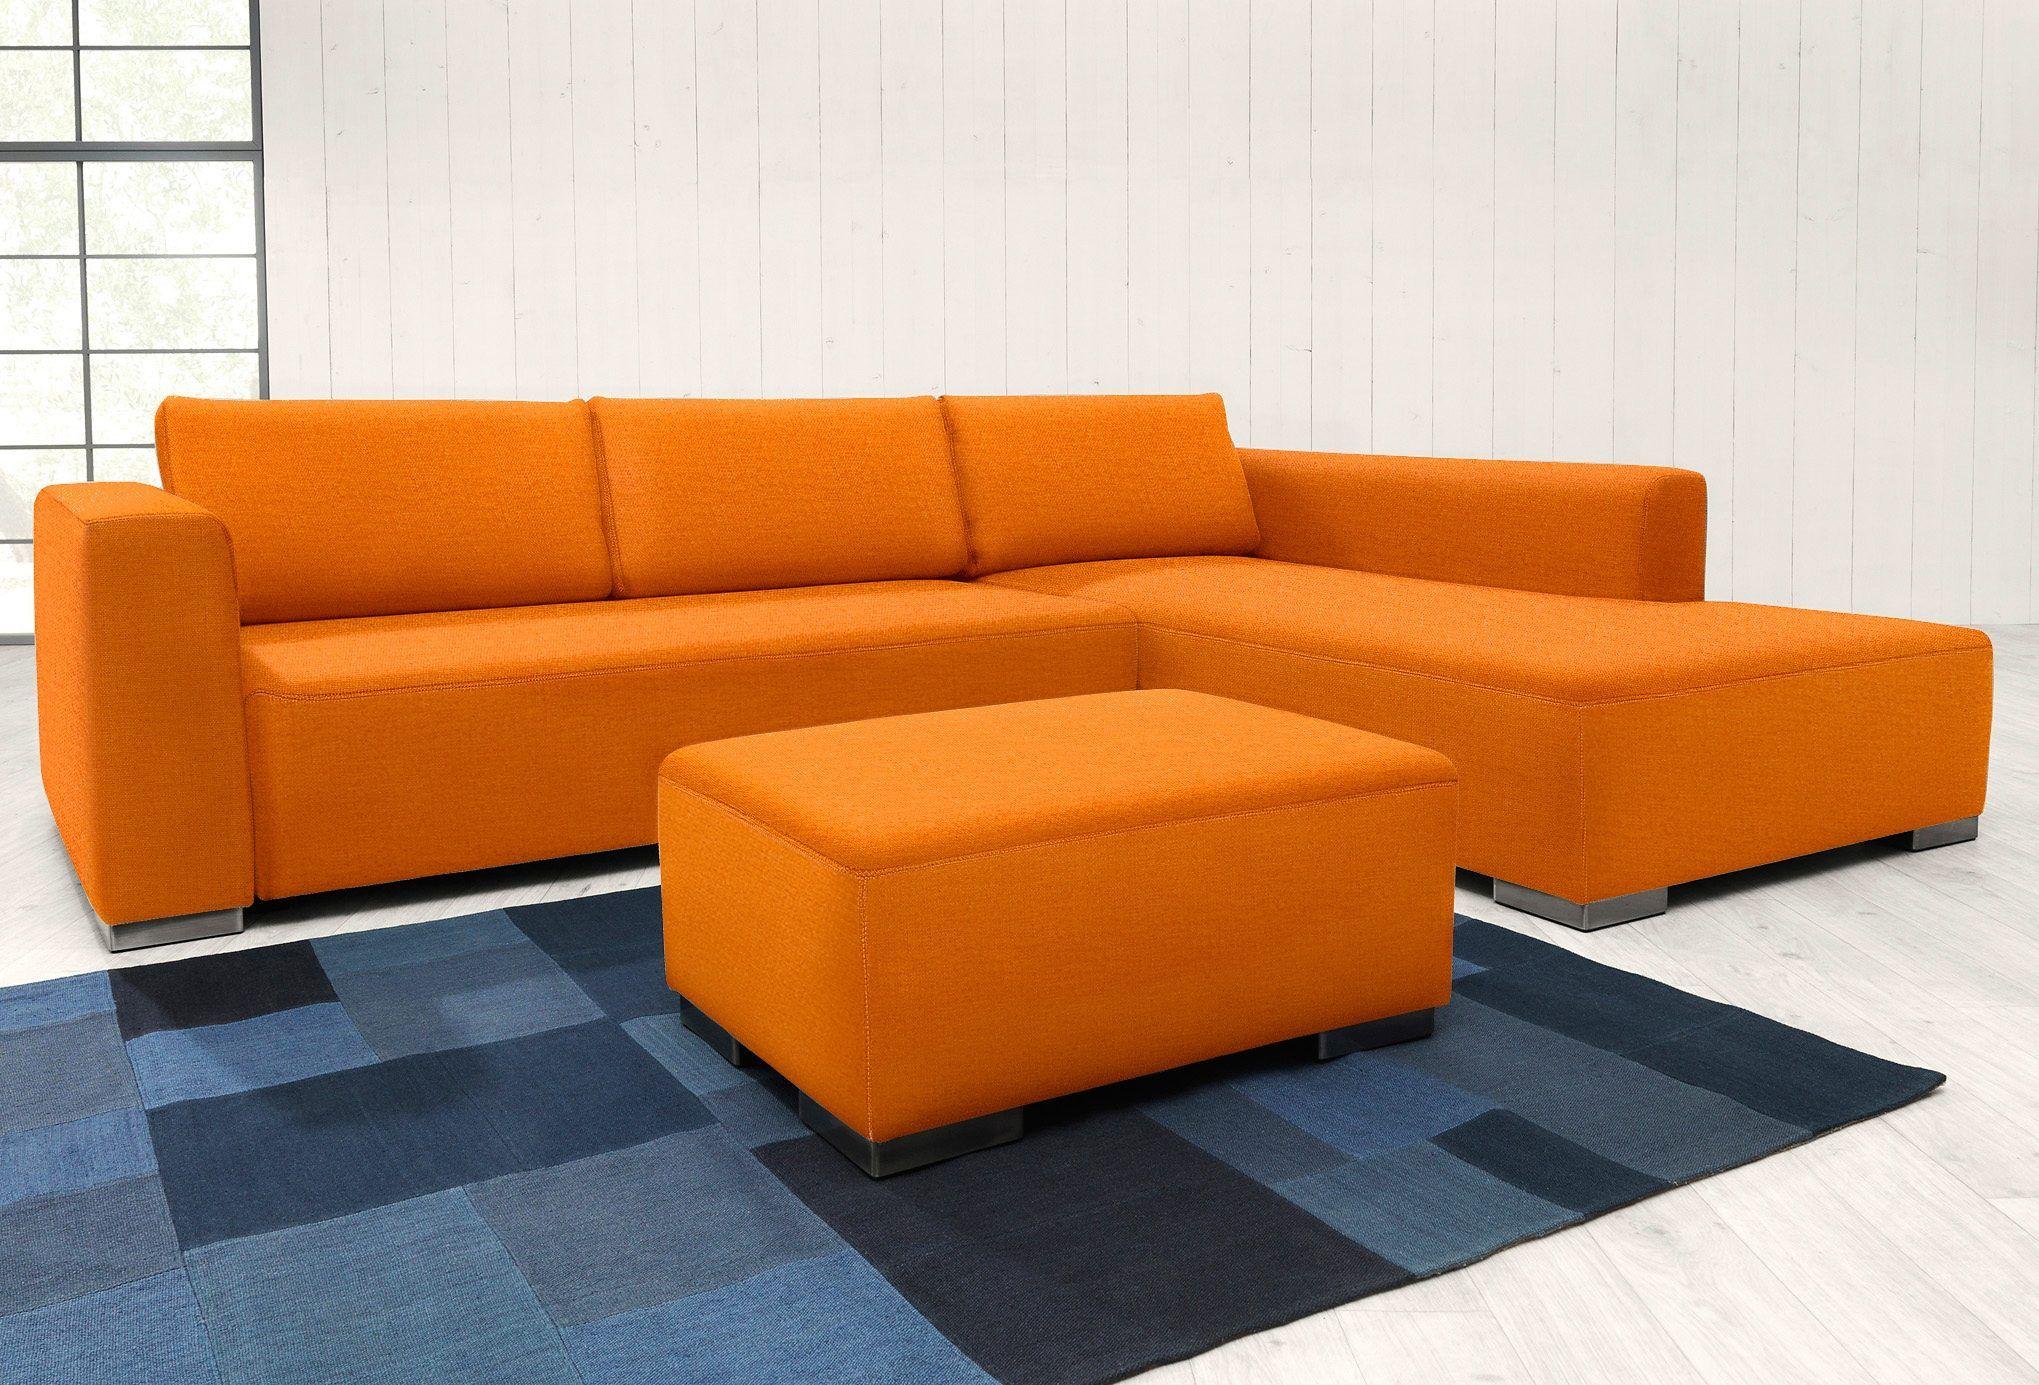 Tom Tailor Polsterecke Orange Kunststofffuss Heaven Style Colors Mit Schlaffunktion Mit Bettkasten Jetzt Bestellen Unter Https Ecksofas Sofa Haus Deko